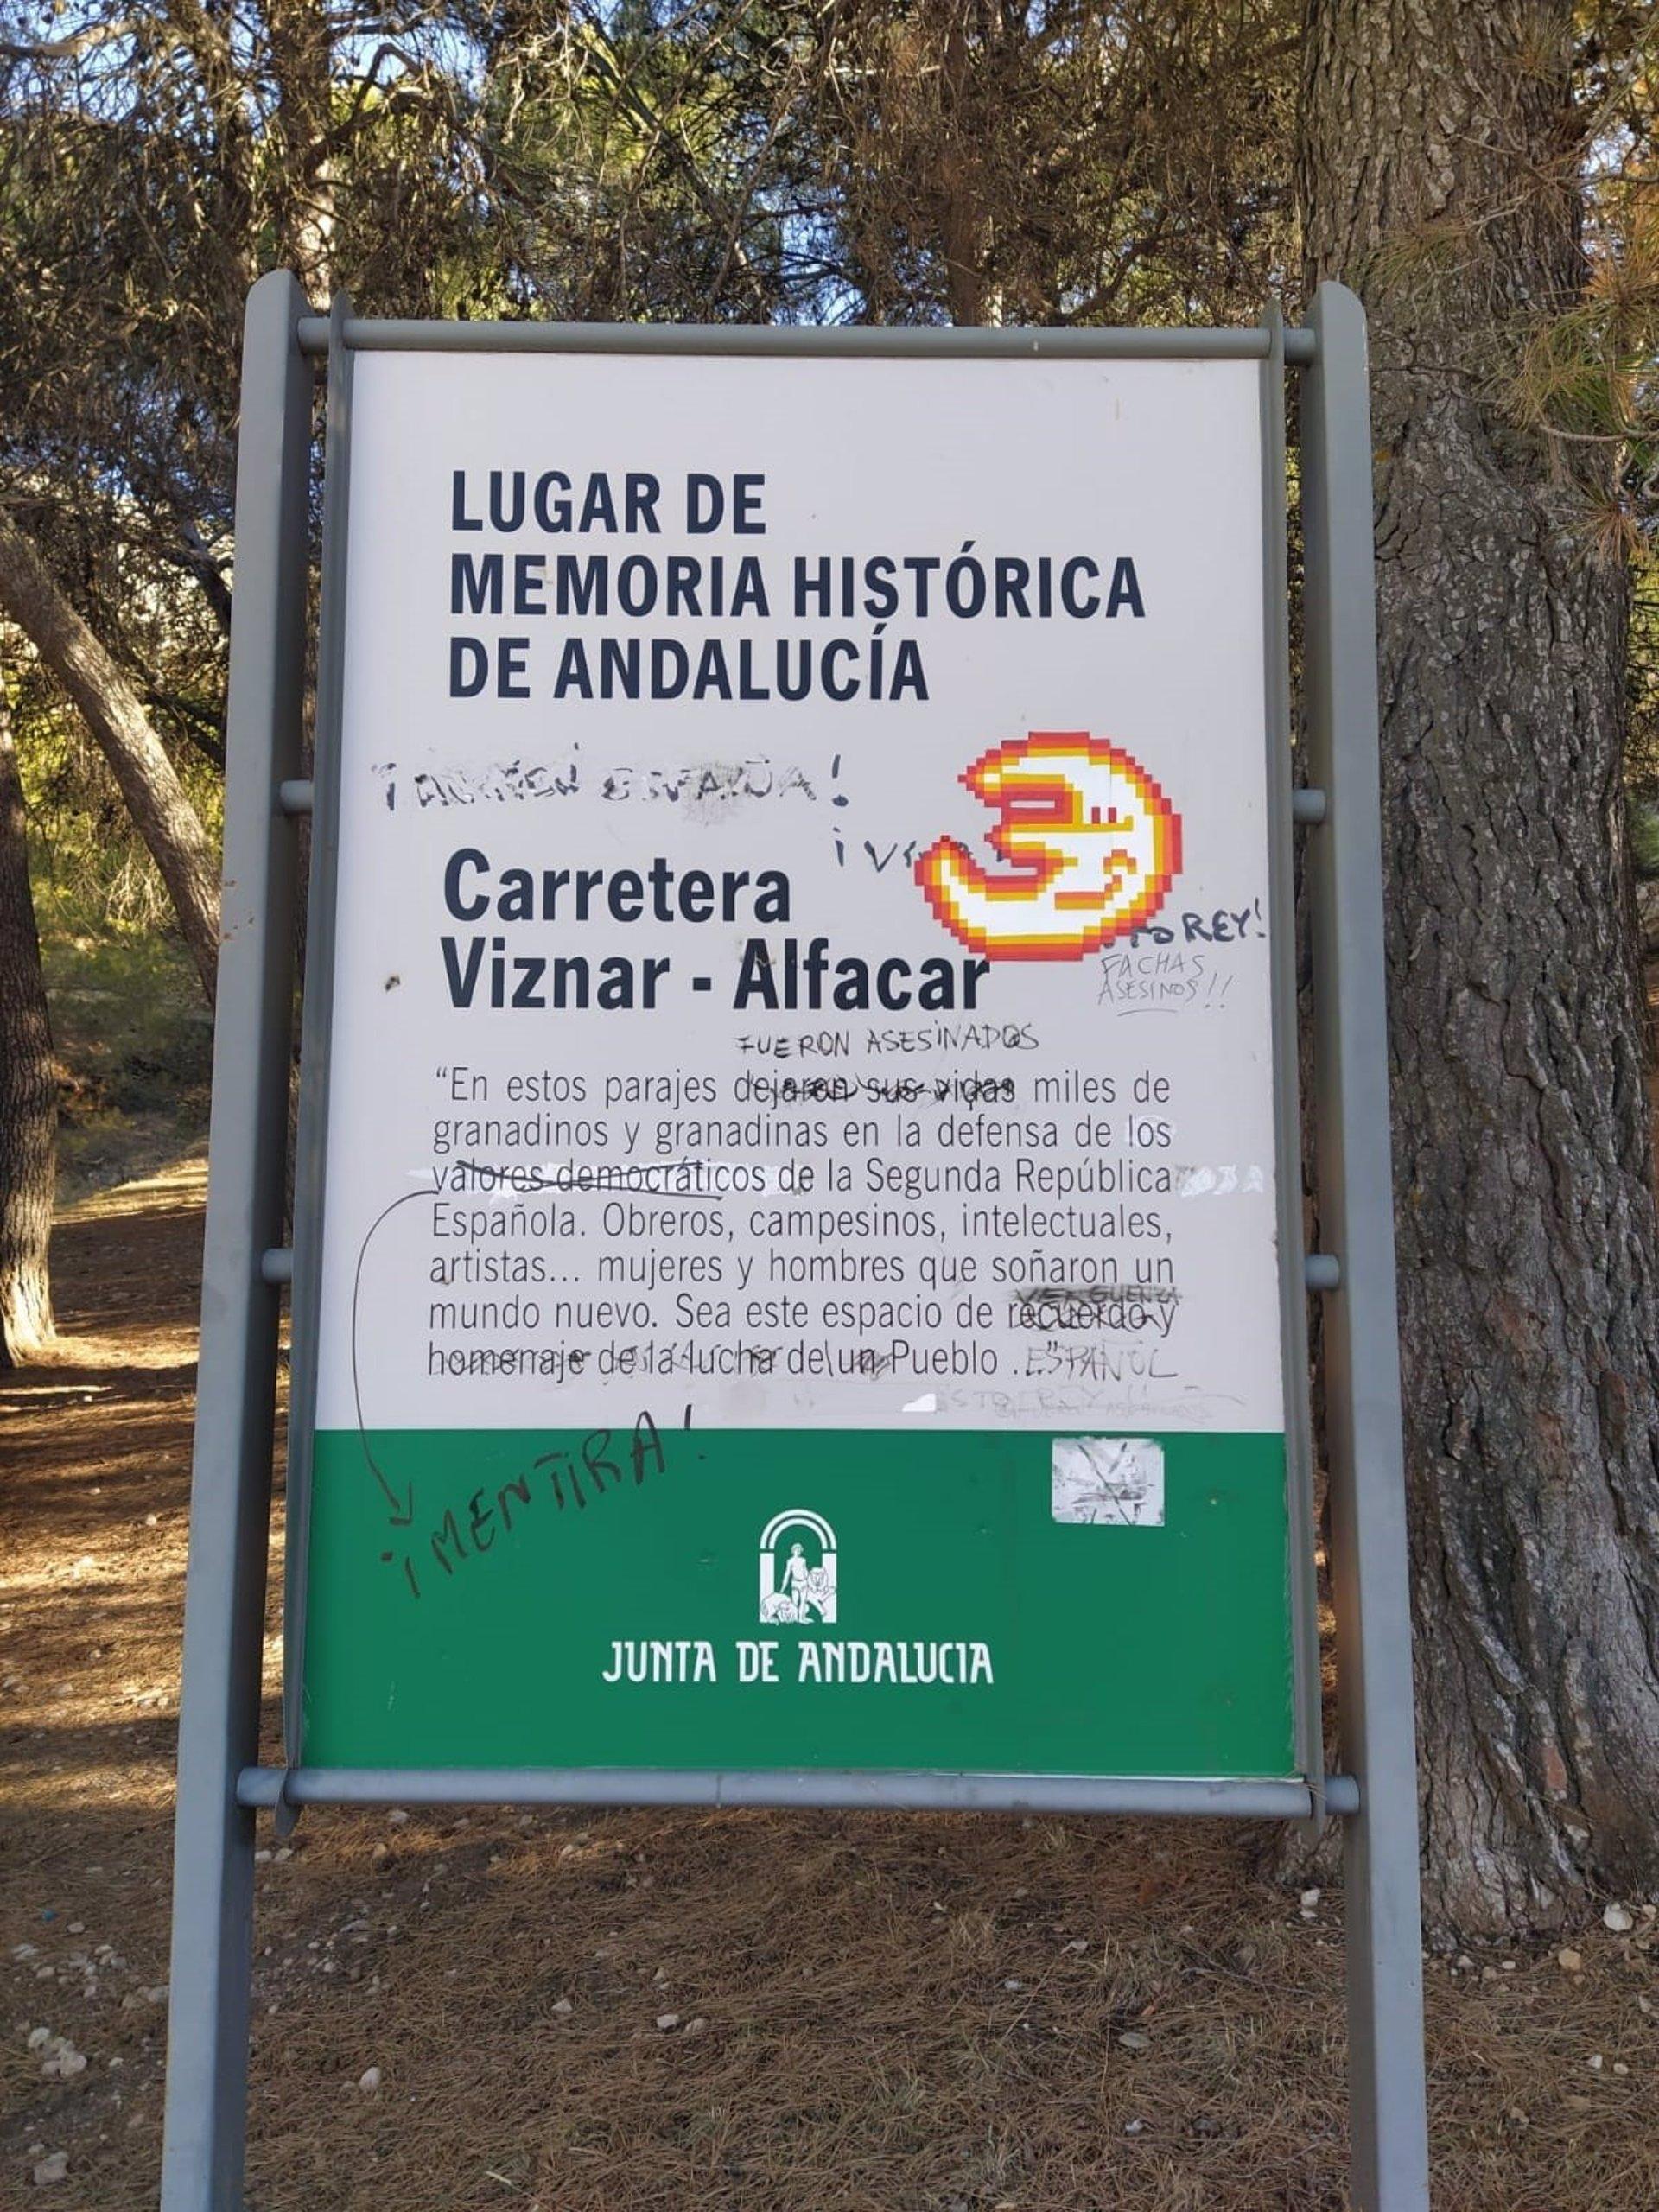 Nuevo acto vandálico en la placa del Barranco de Víznar, Lugar de Memoria Histórica